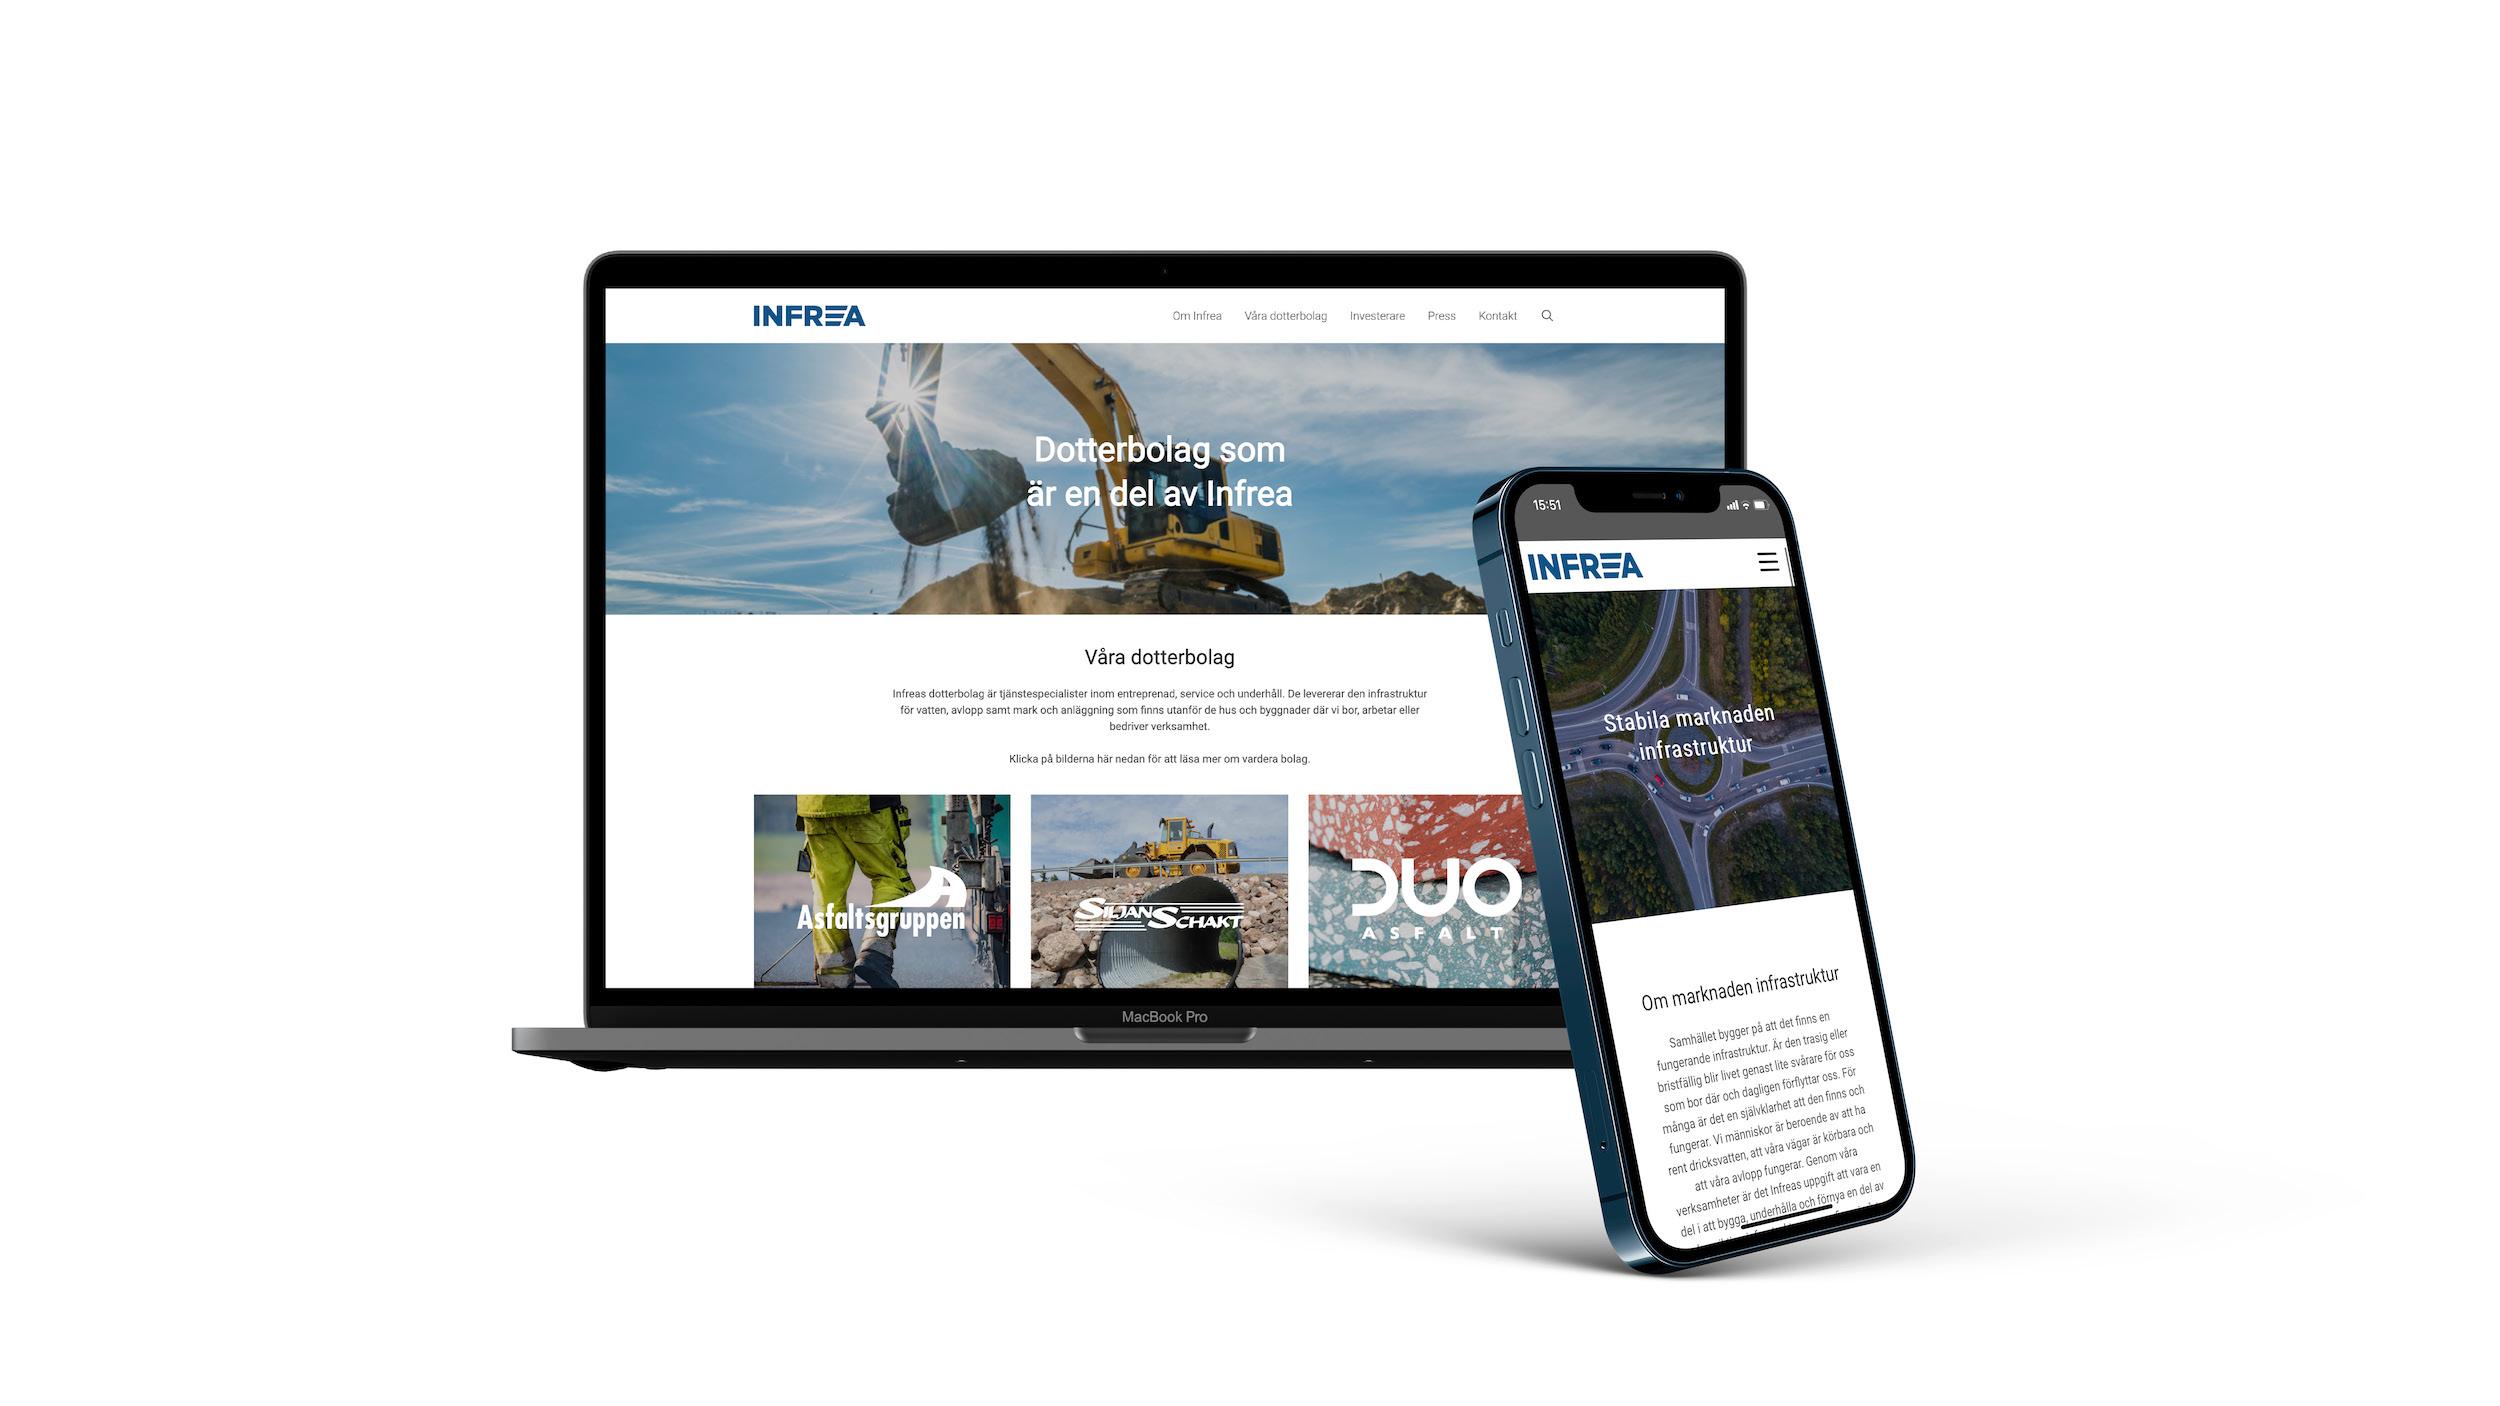 Börsnoterade Infrea fick en ny och SEO-optimerad webbsida.